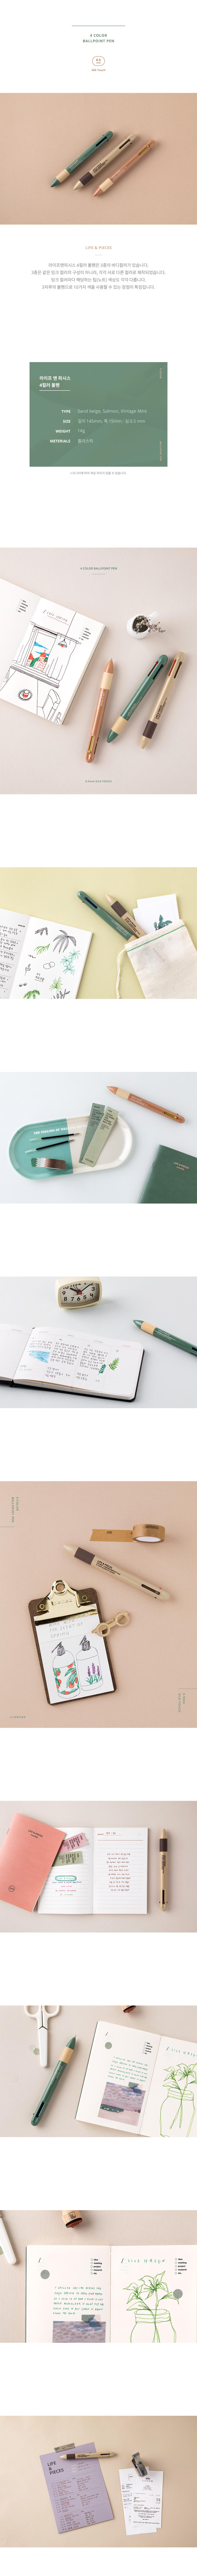 라이프 앤 피시스 4색 볼펜 (3종) - 라이브워크, 5,500원, 볼펜, 멀티색상 볼펜